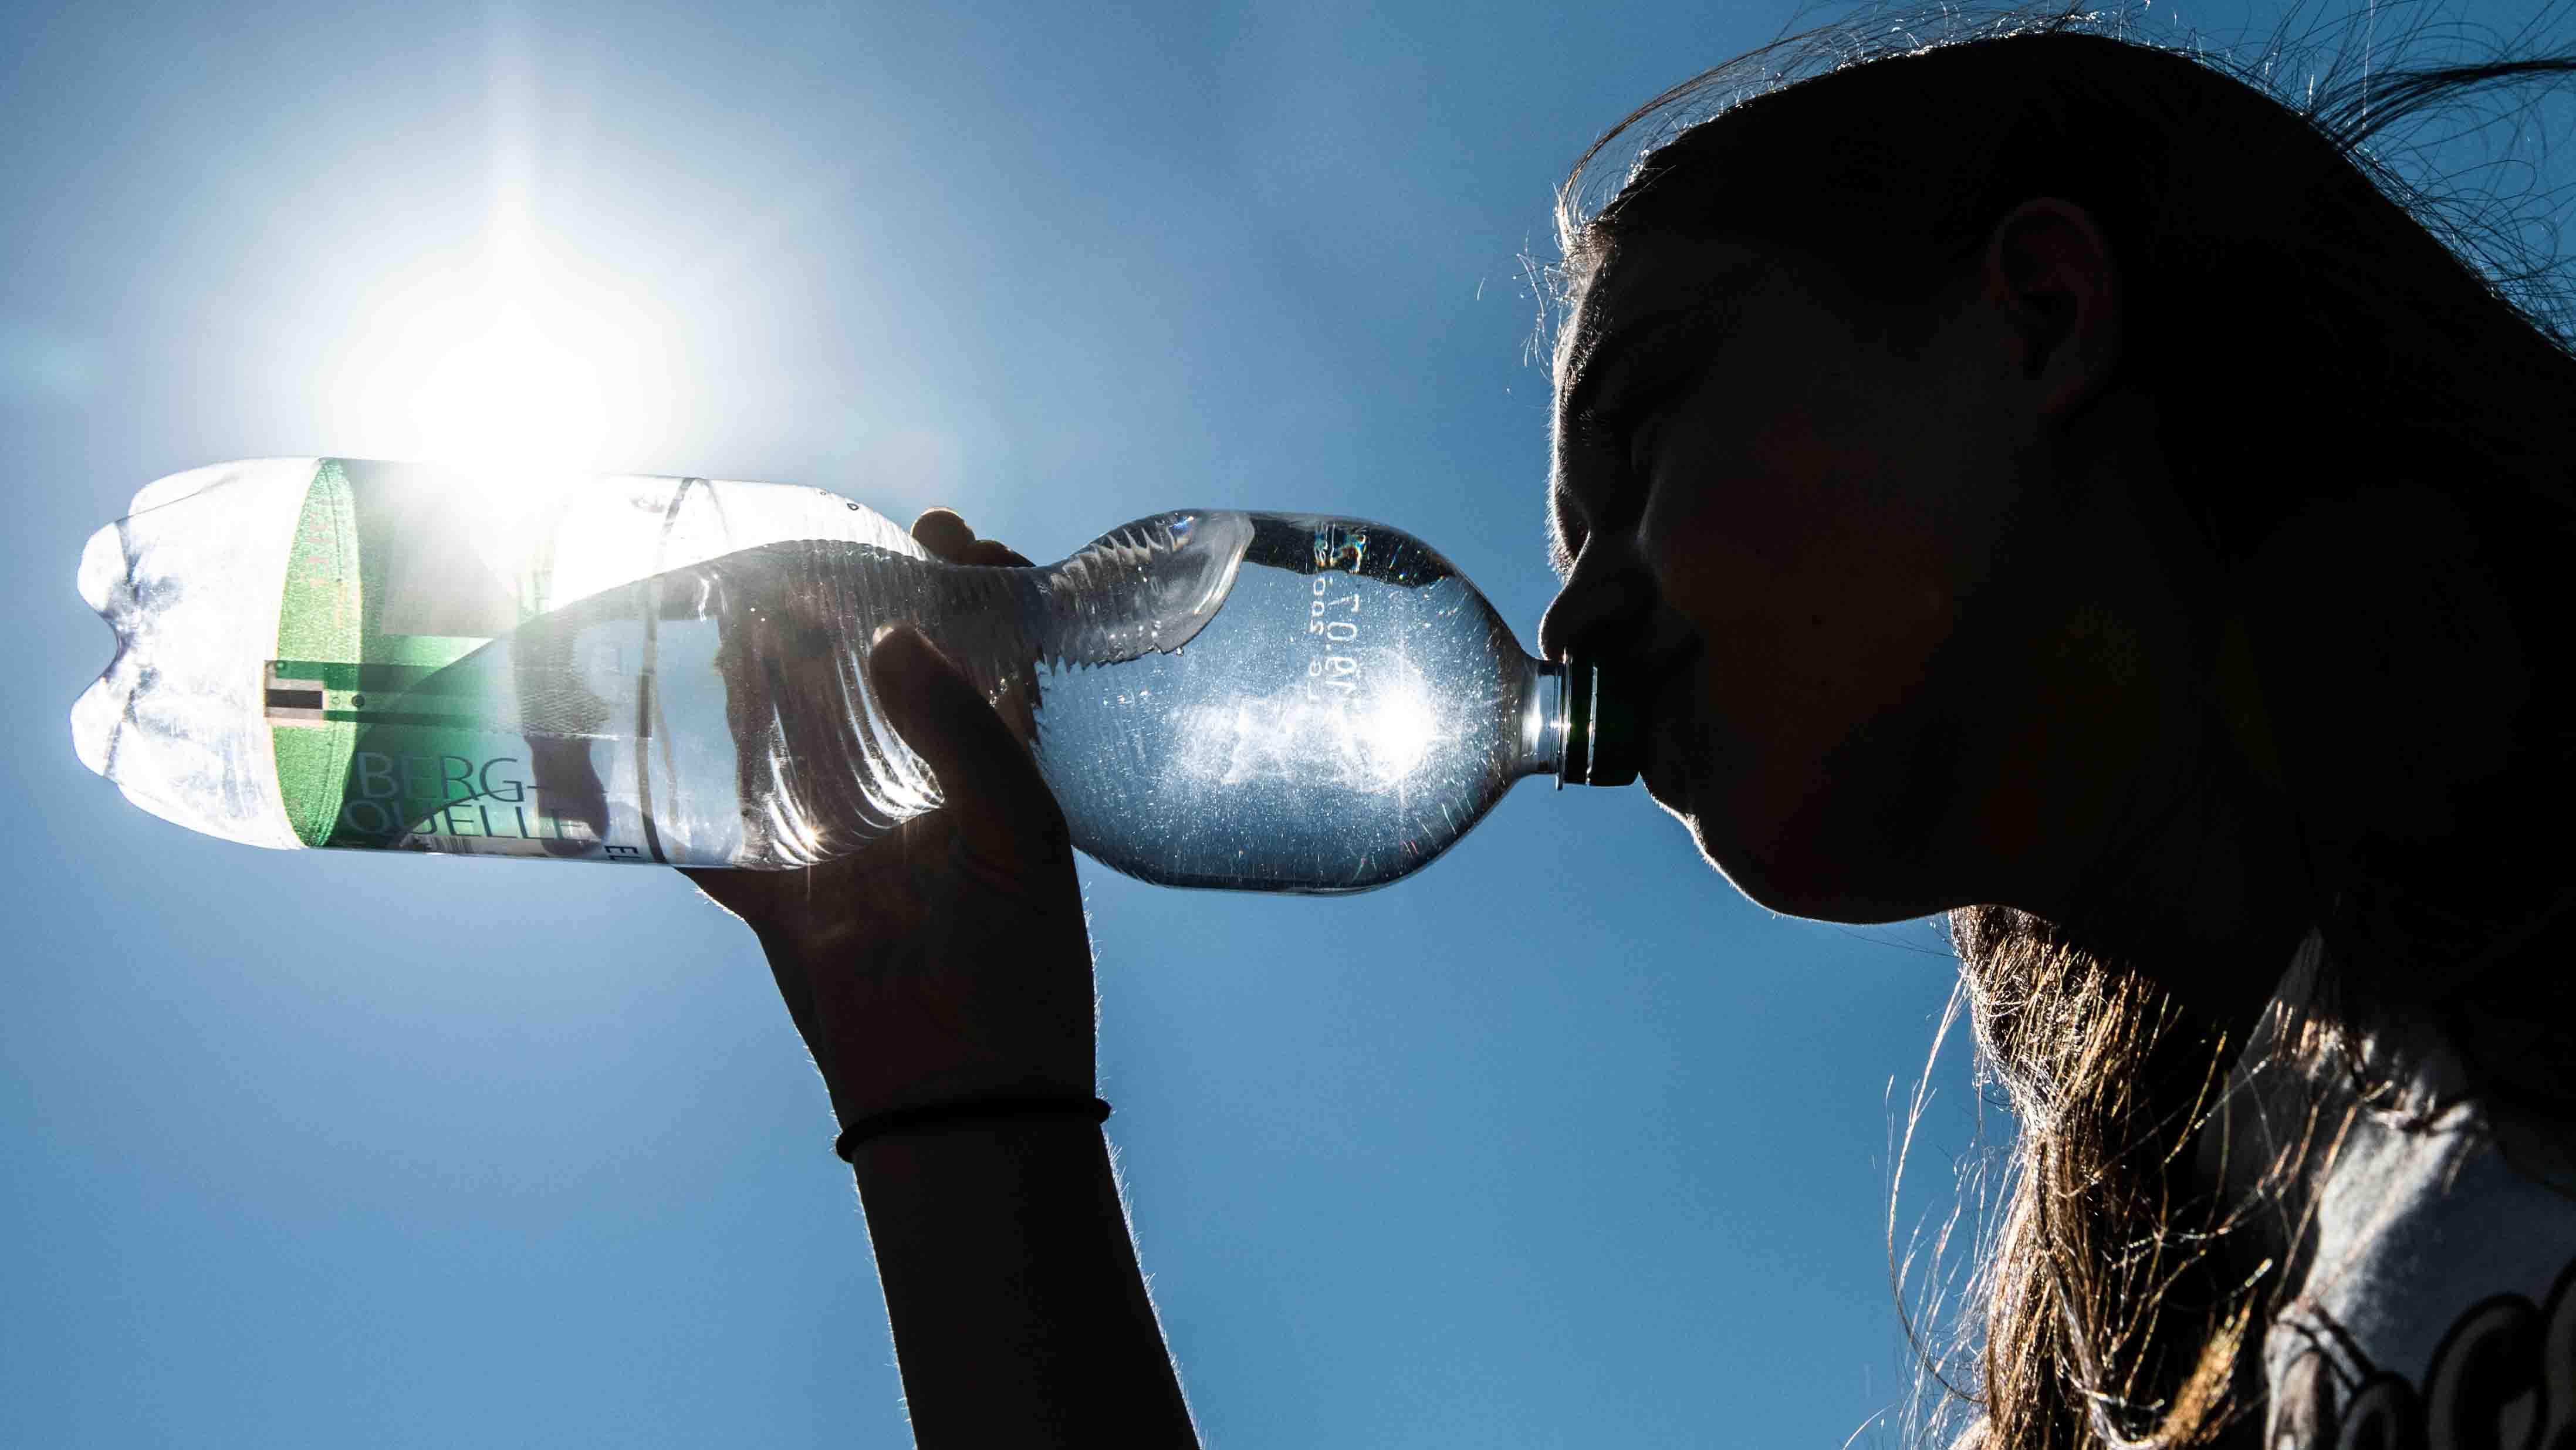 El Sumario - En los últimos días las temperaturas en Alemania se han registrado por encima de los 30 grados centígrados como parte de la ola de calor que atraviesa el país